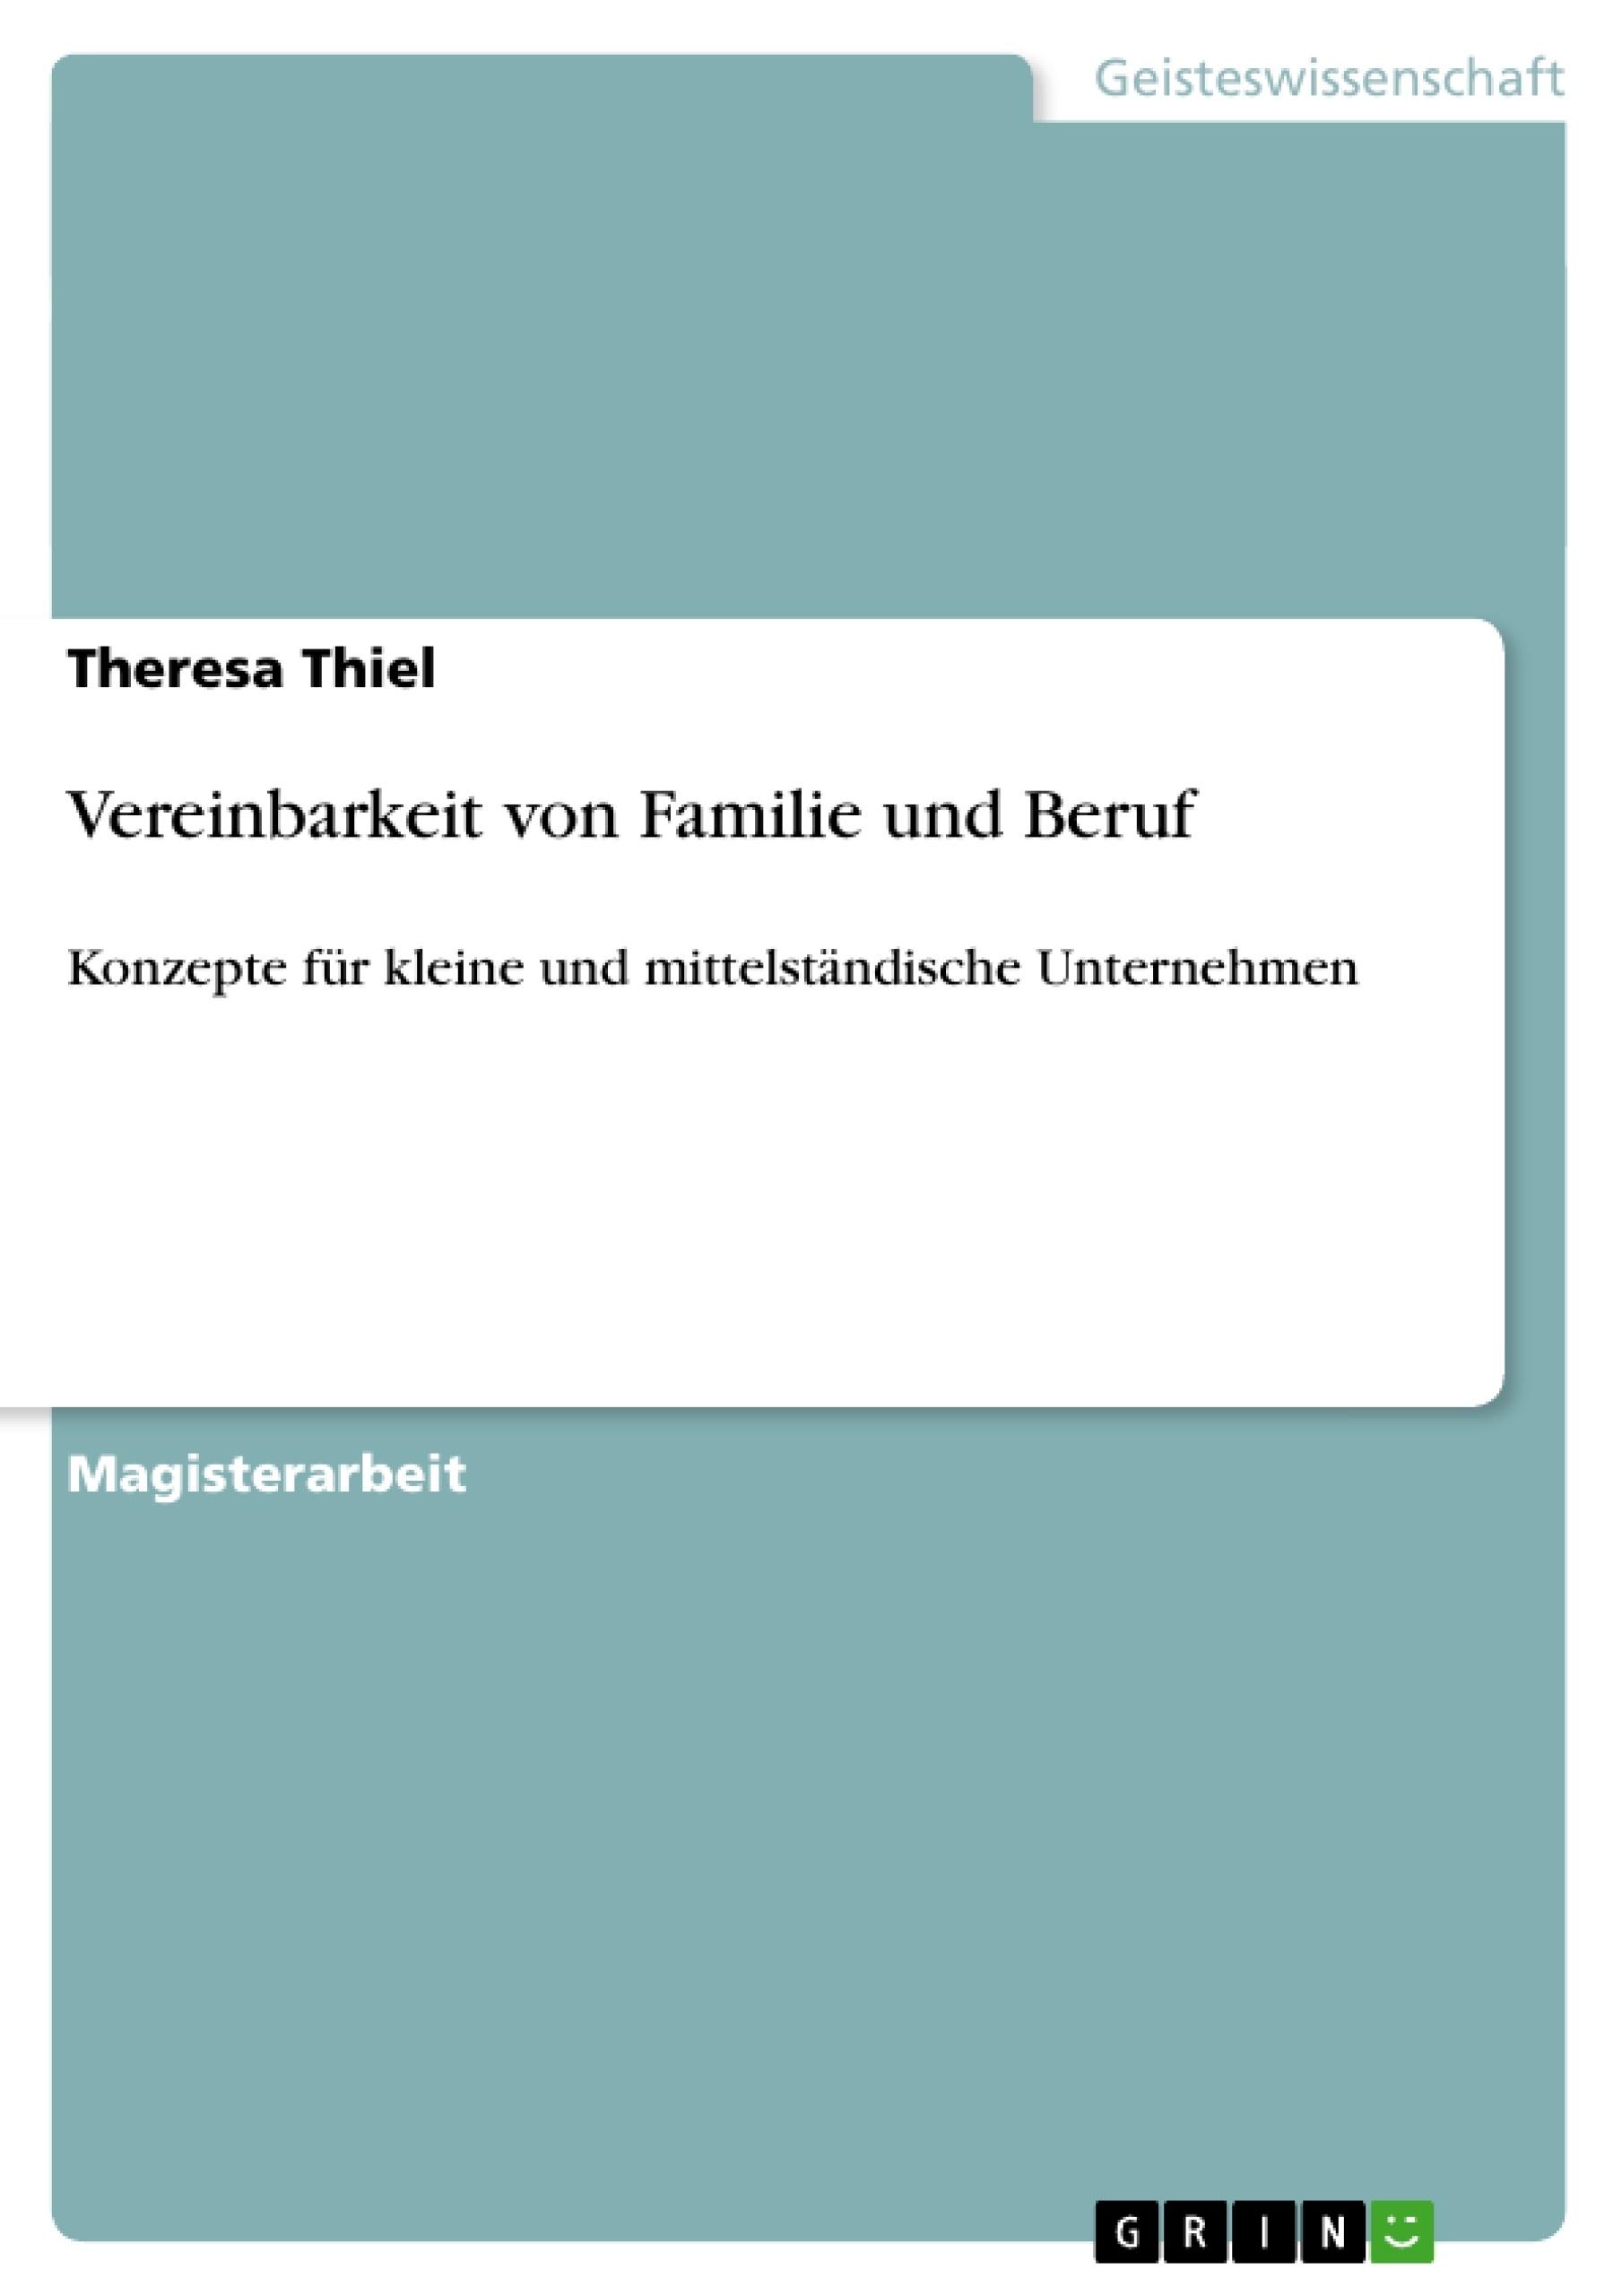 Titel: Vereinbarkeit von Familie und Beruf